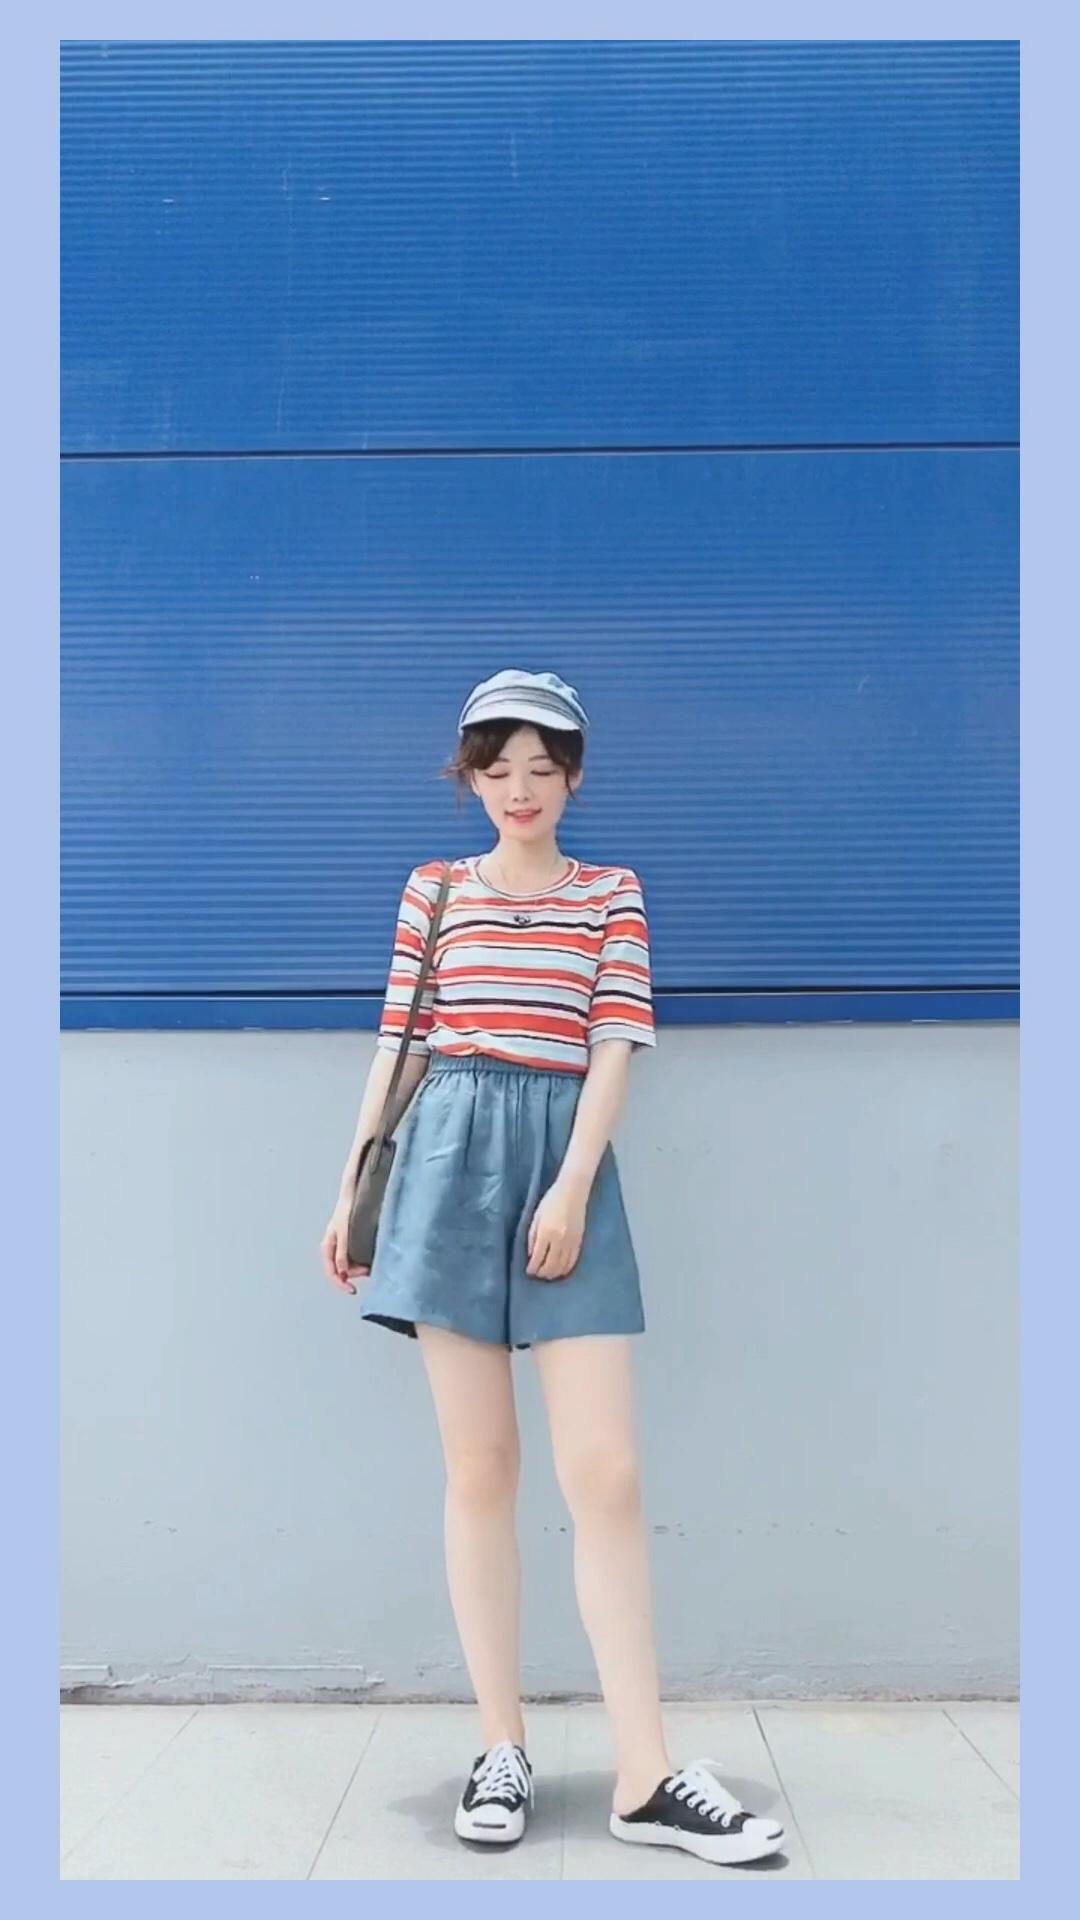 #高腰:长腿制造机本机!!!# 彩色条纹tee+裙裤 活力满满的一套哦  夏天超级喜欢蓝色 显白第一名~